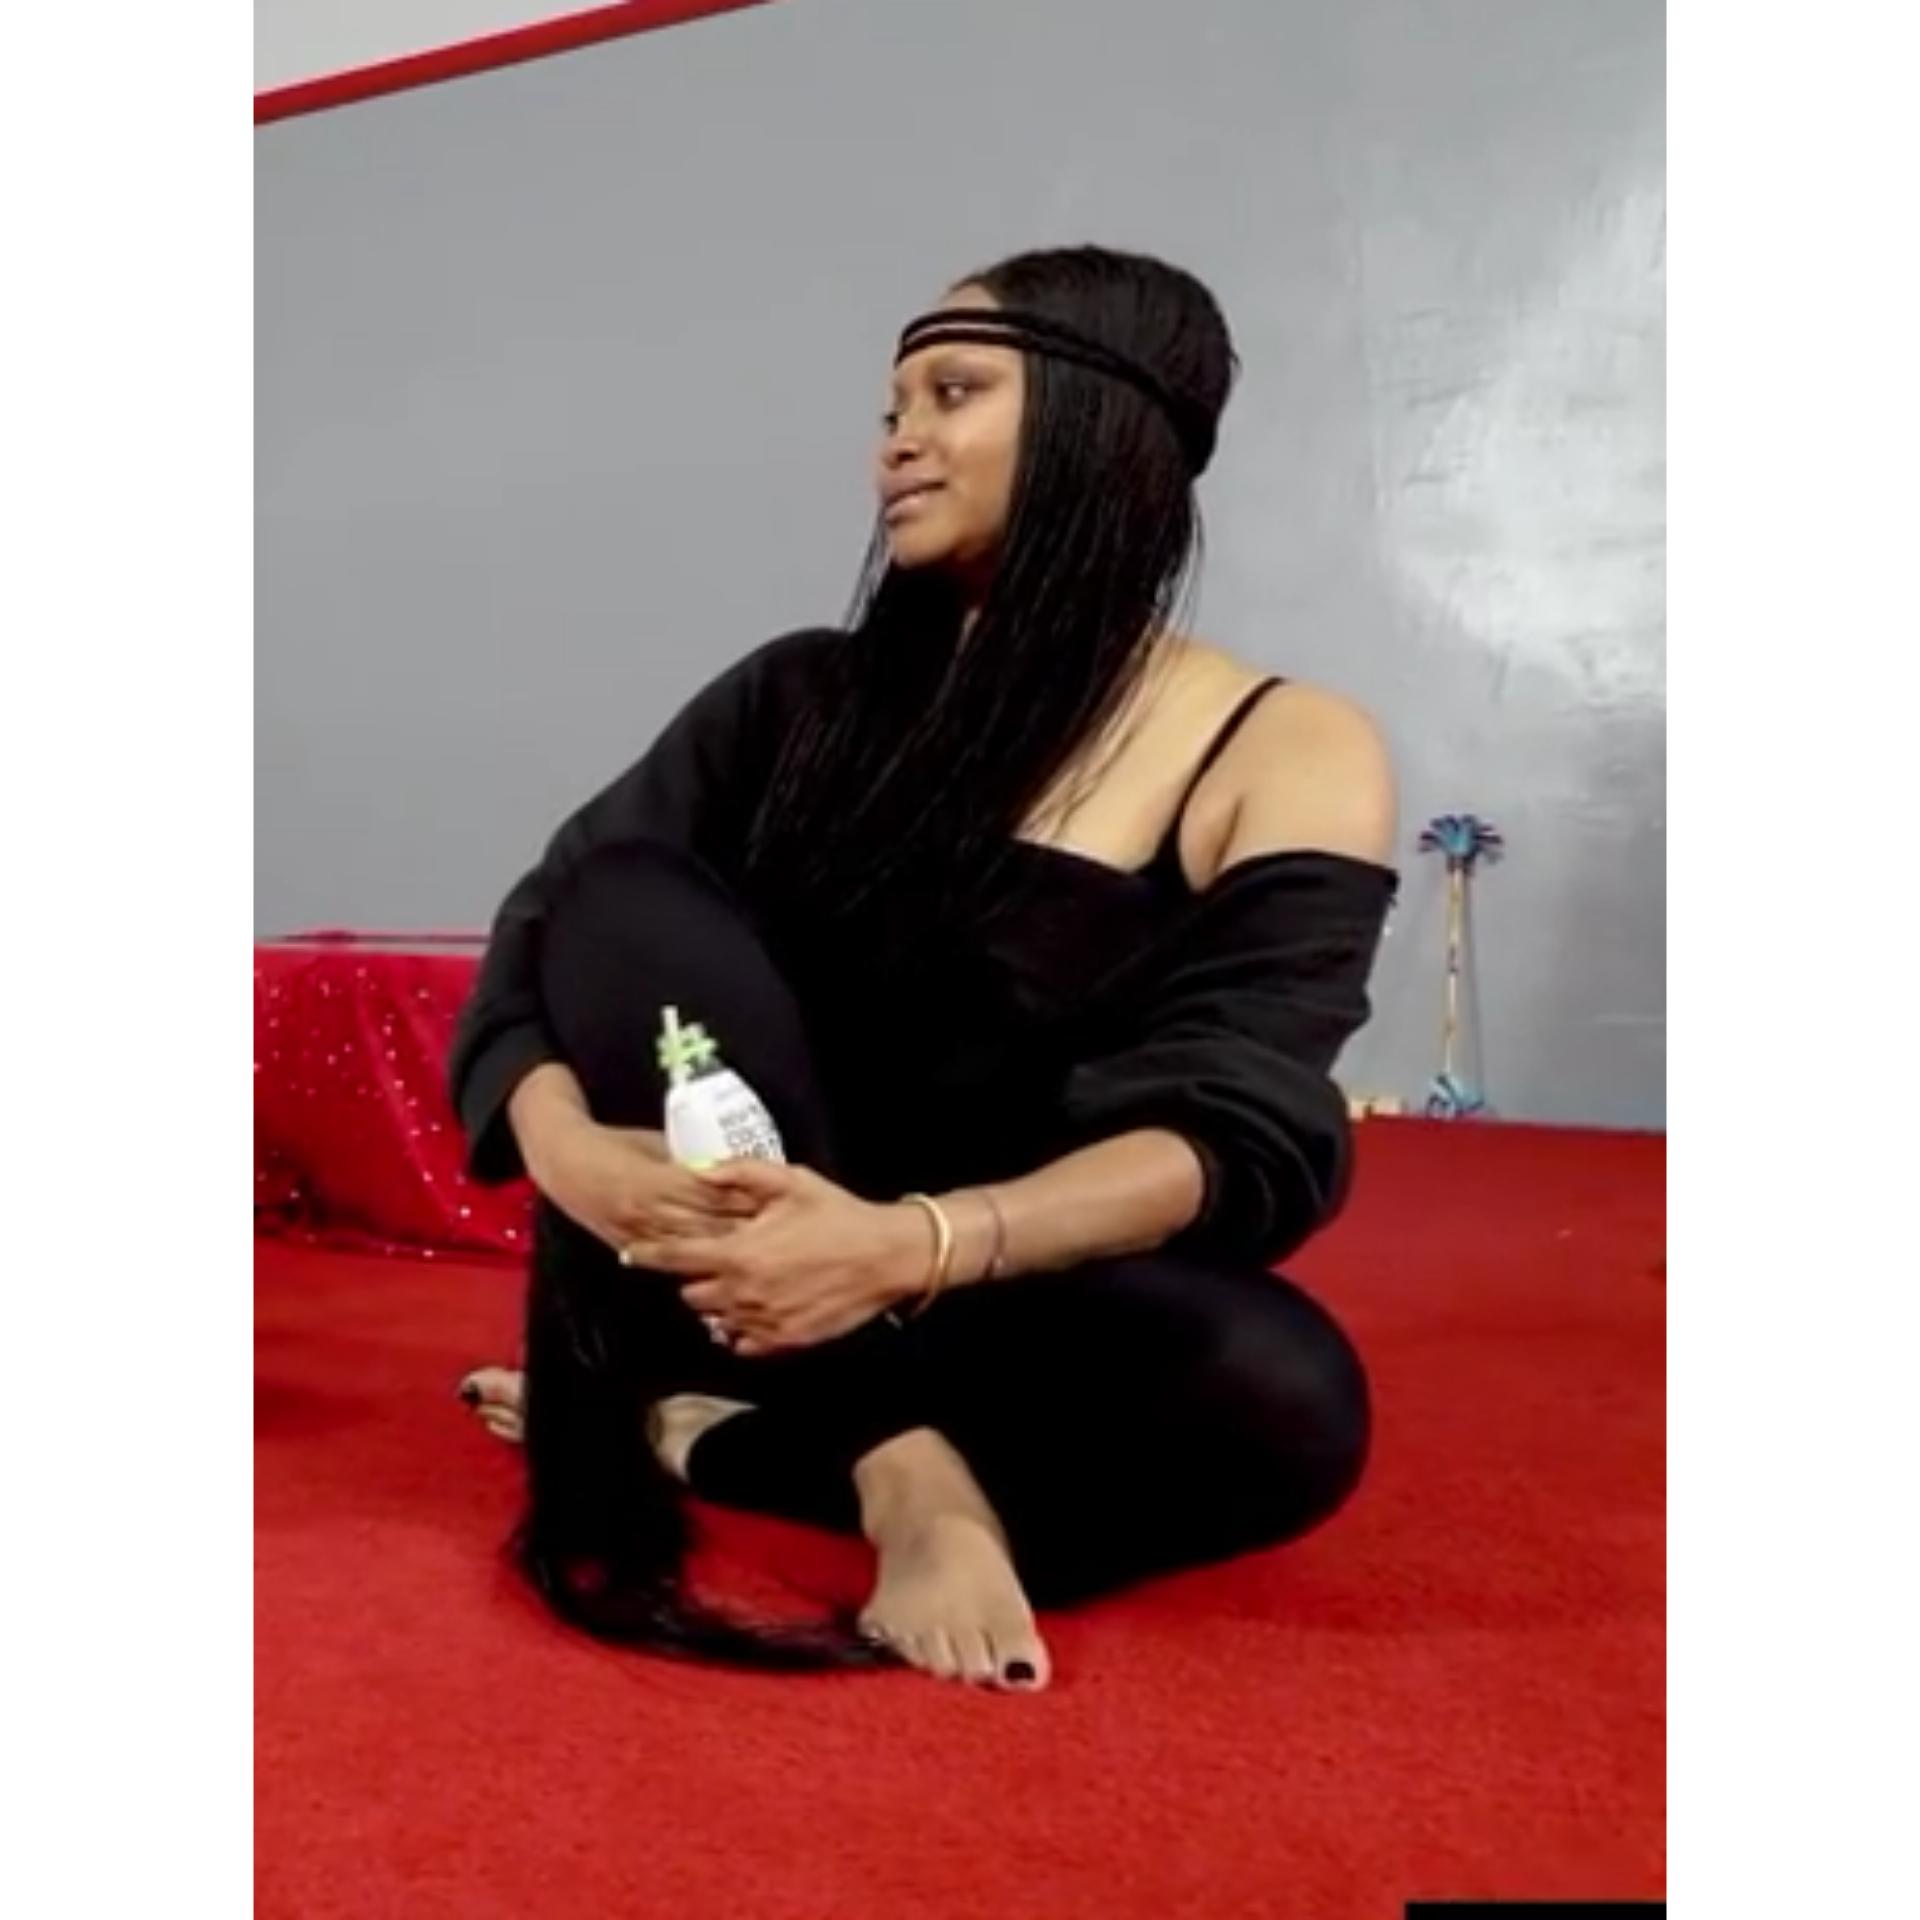 https://pics.wikifeet.com/Erykah-Badu-Feet-2607815.jpg